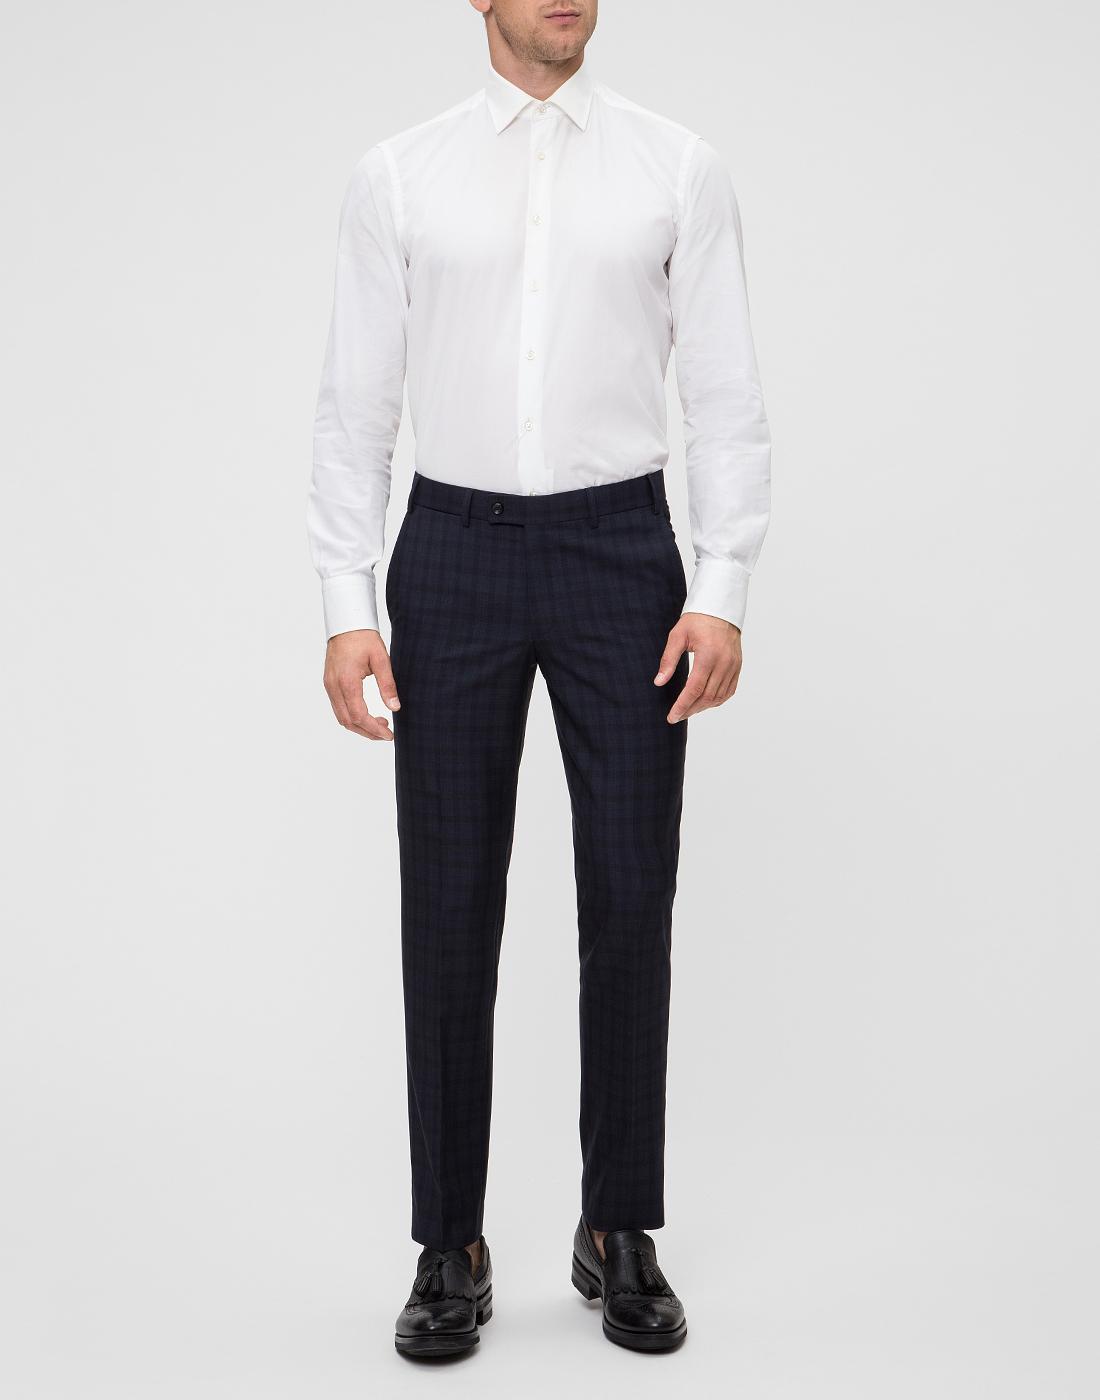 Мужские темно-синие брюки Hiltl  S13173 40 34600-6